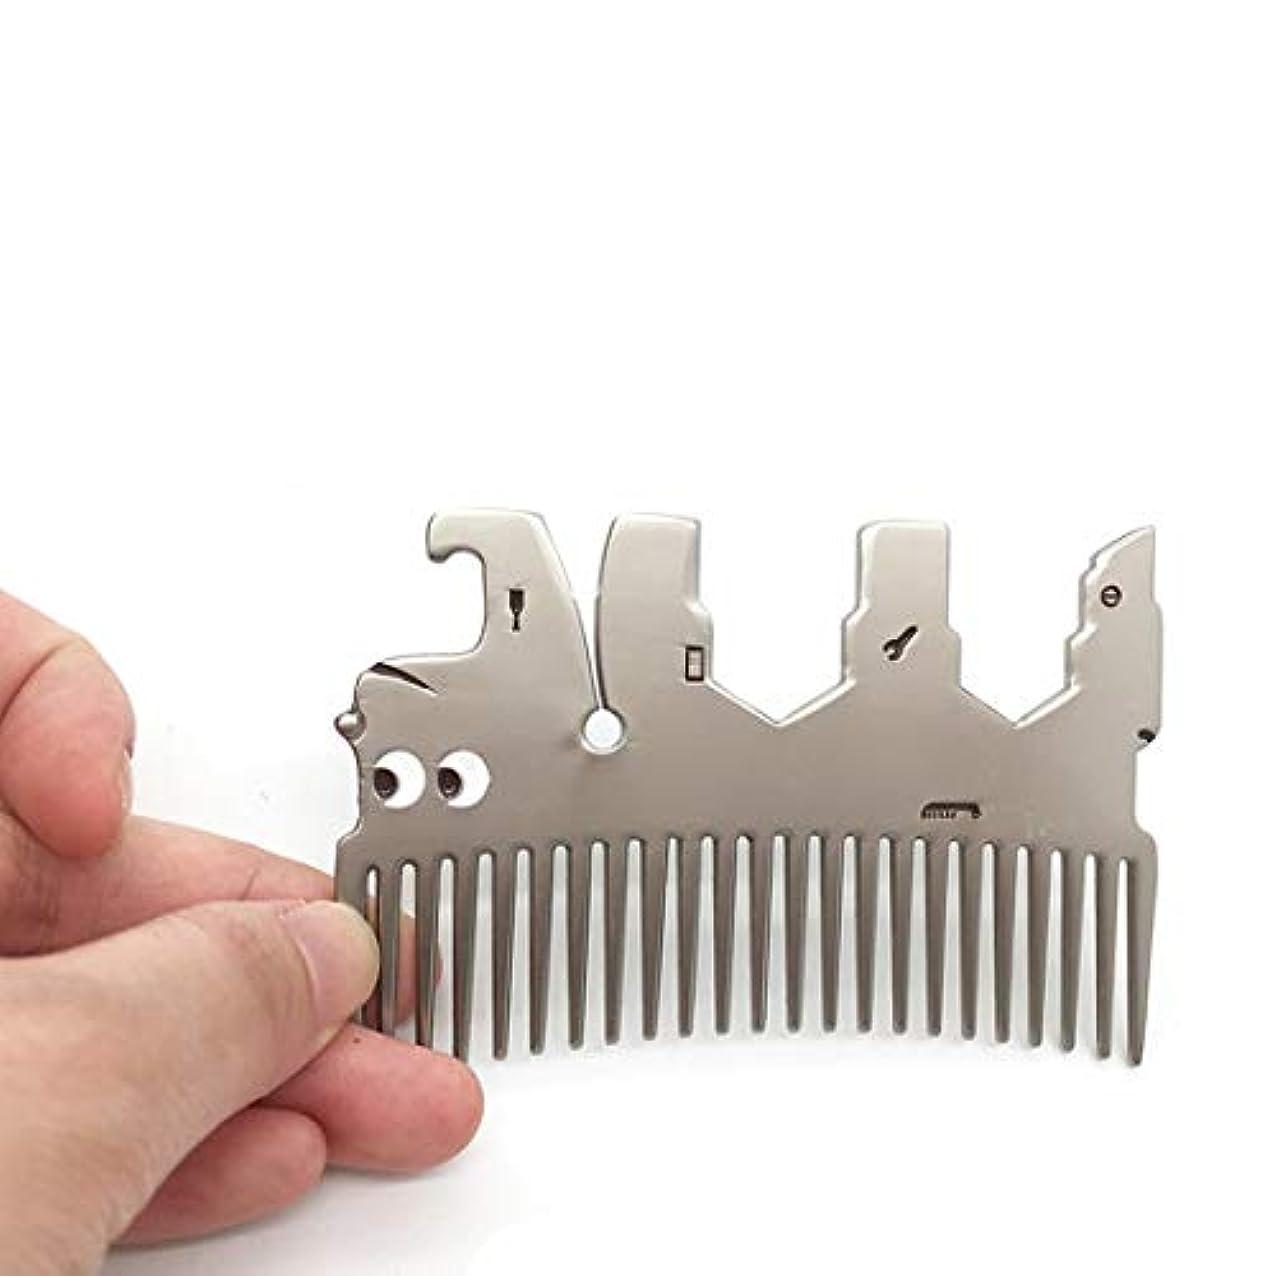 バーター評価可能シダ(櫛、栓抜き、レンチ、)あなたの財布に収まる2個の多機能ユーティリティ櫛 モデリングツール (色 : Metallic)